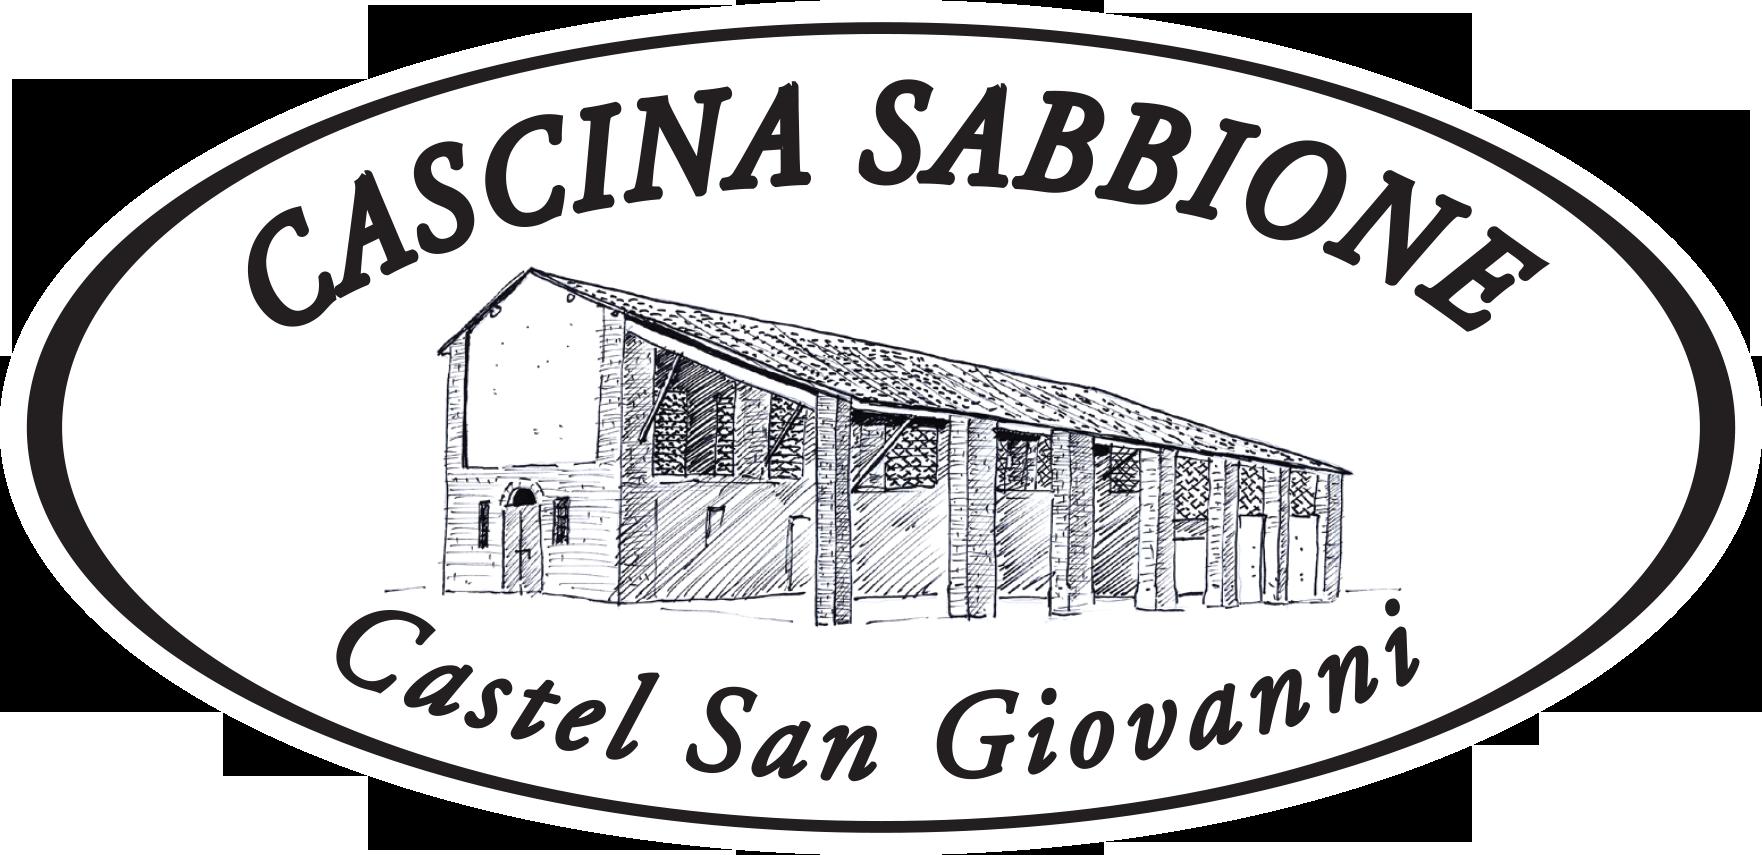 Cascina Sabbione